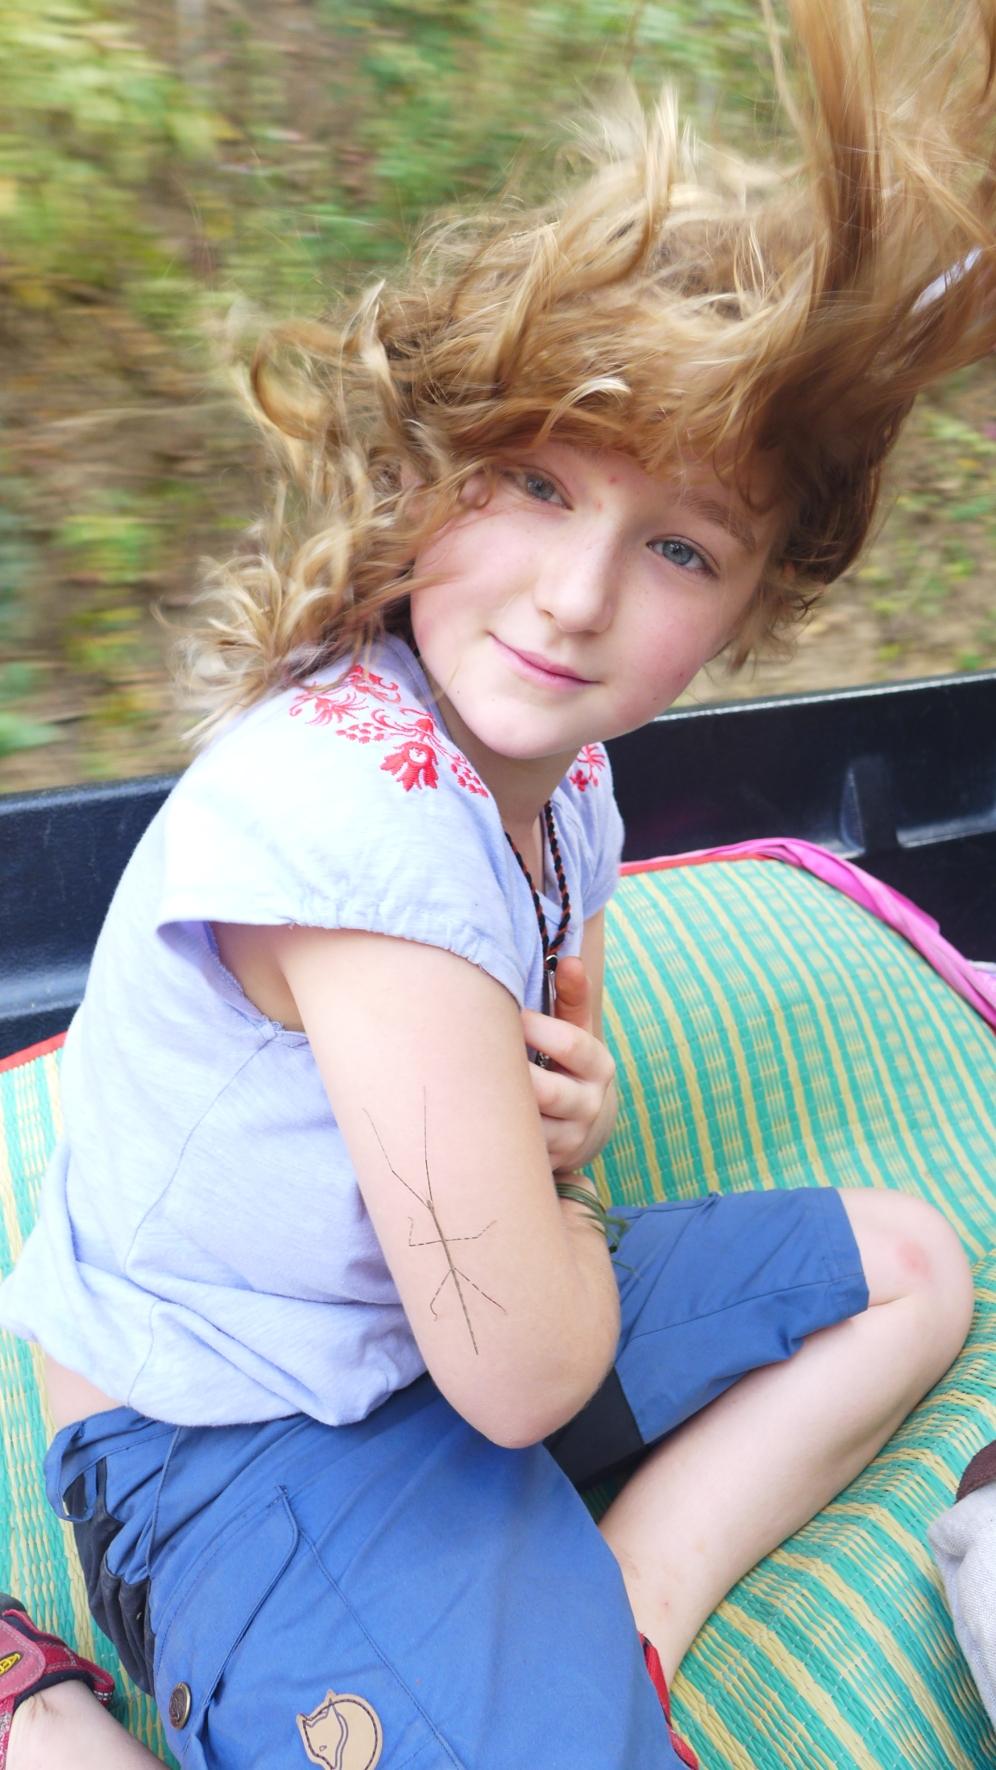 Rückfahrt: Auf der Ladefläche eines Jeeps hat sich Greta eine Stabheuschrecke (am Arm) angelacht.